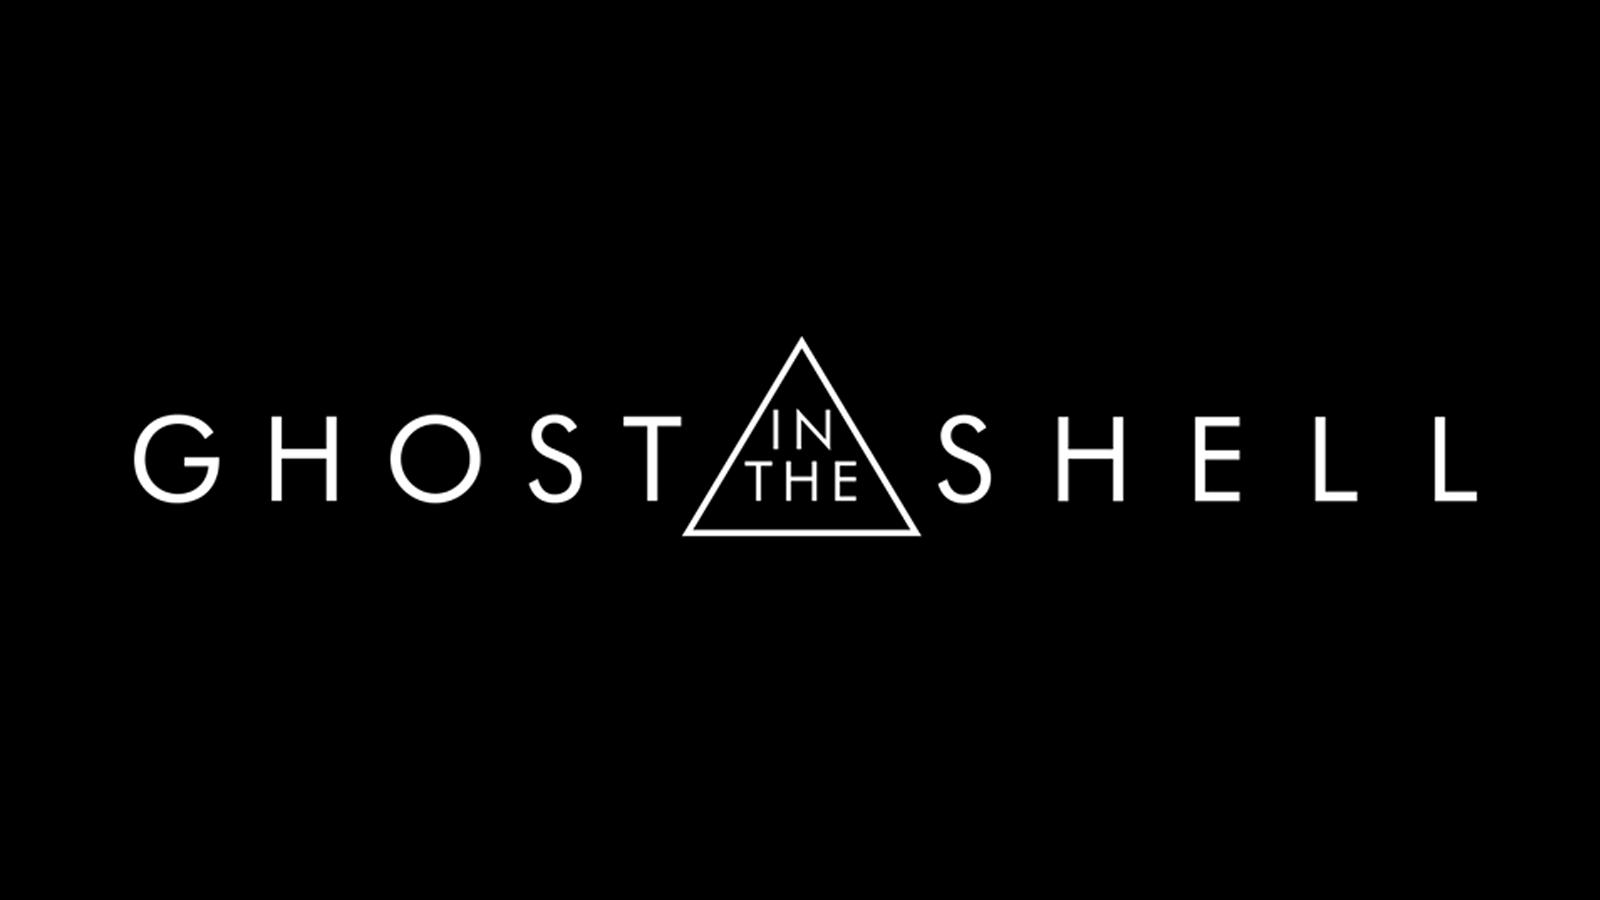 ハリウッド実写版「Ghost in The Shell(攻殻機動隊)」の最新映像5本公開!